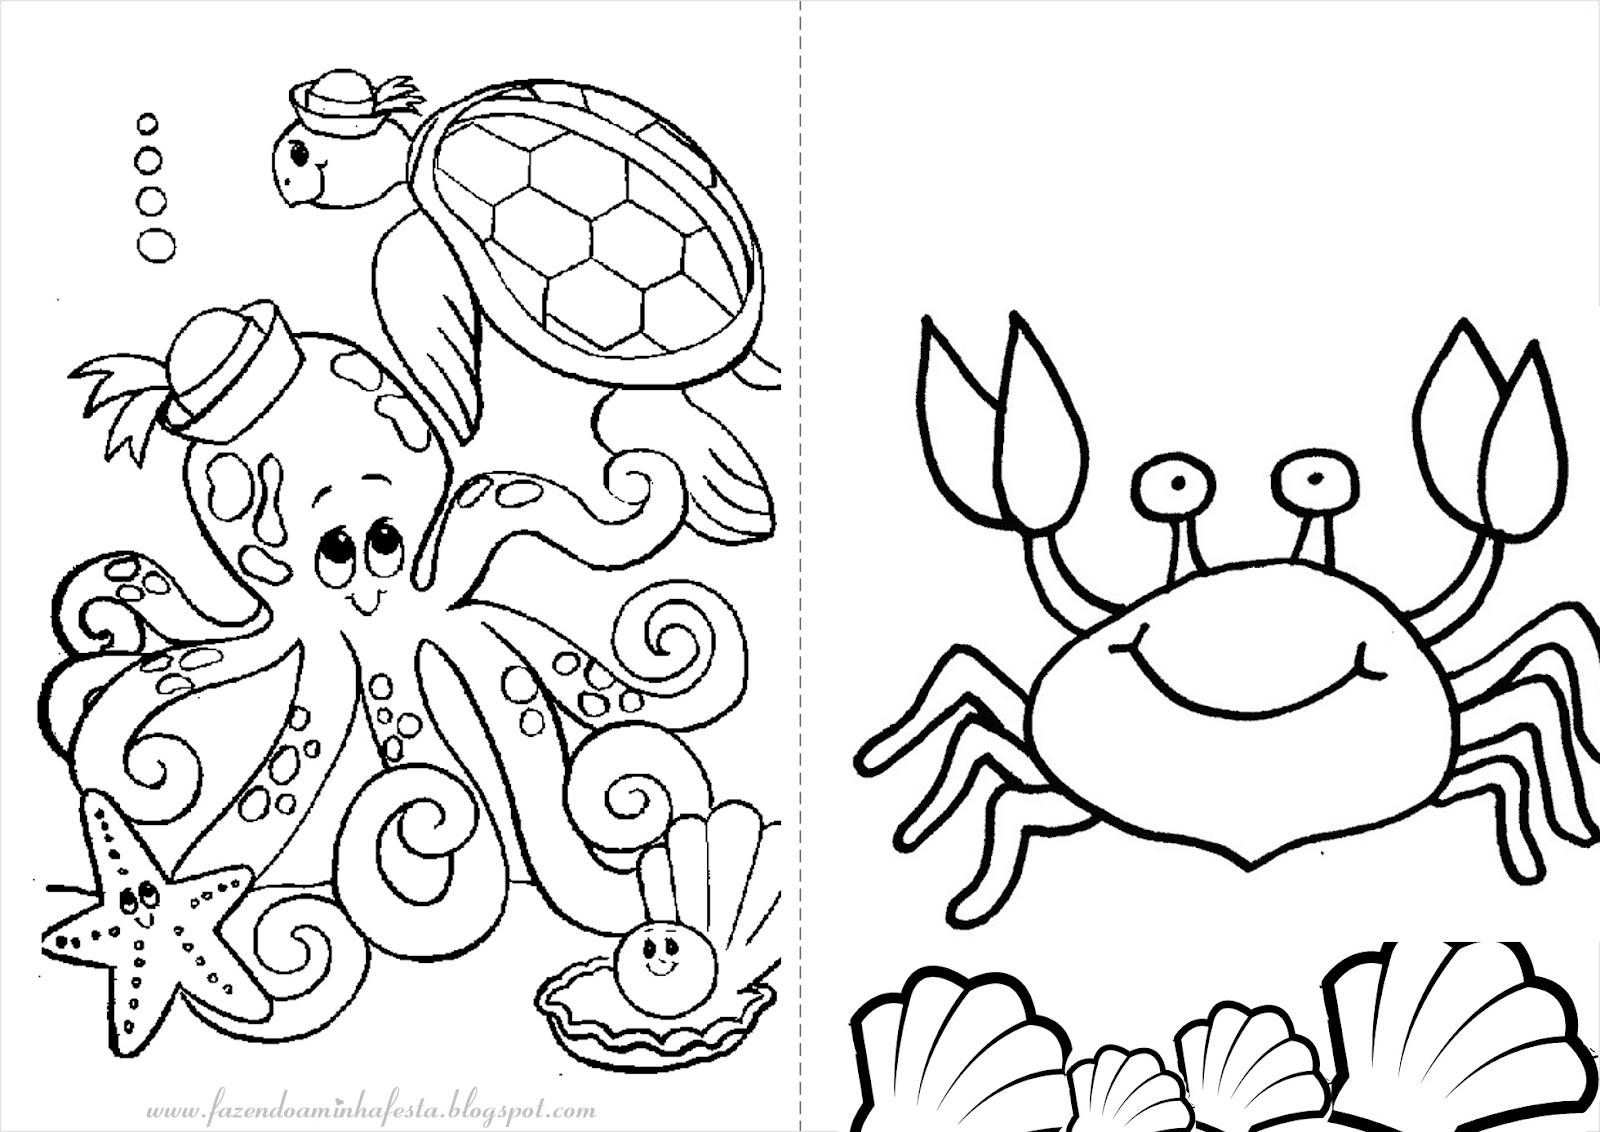 Desenho De Estrela Do Mar Para Colorir Mmod